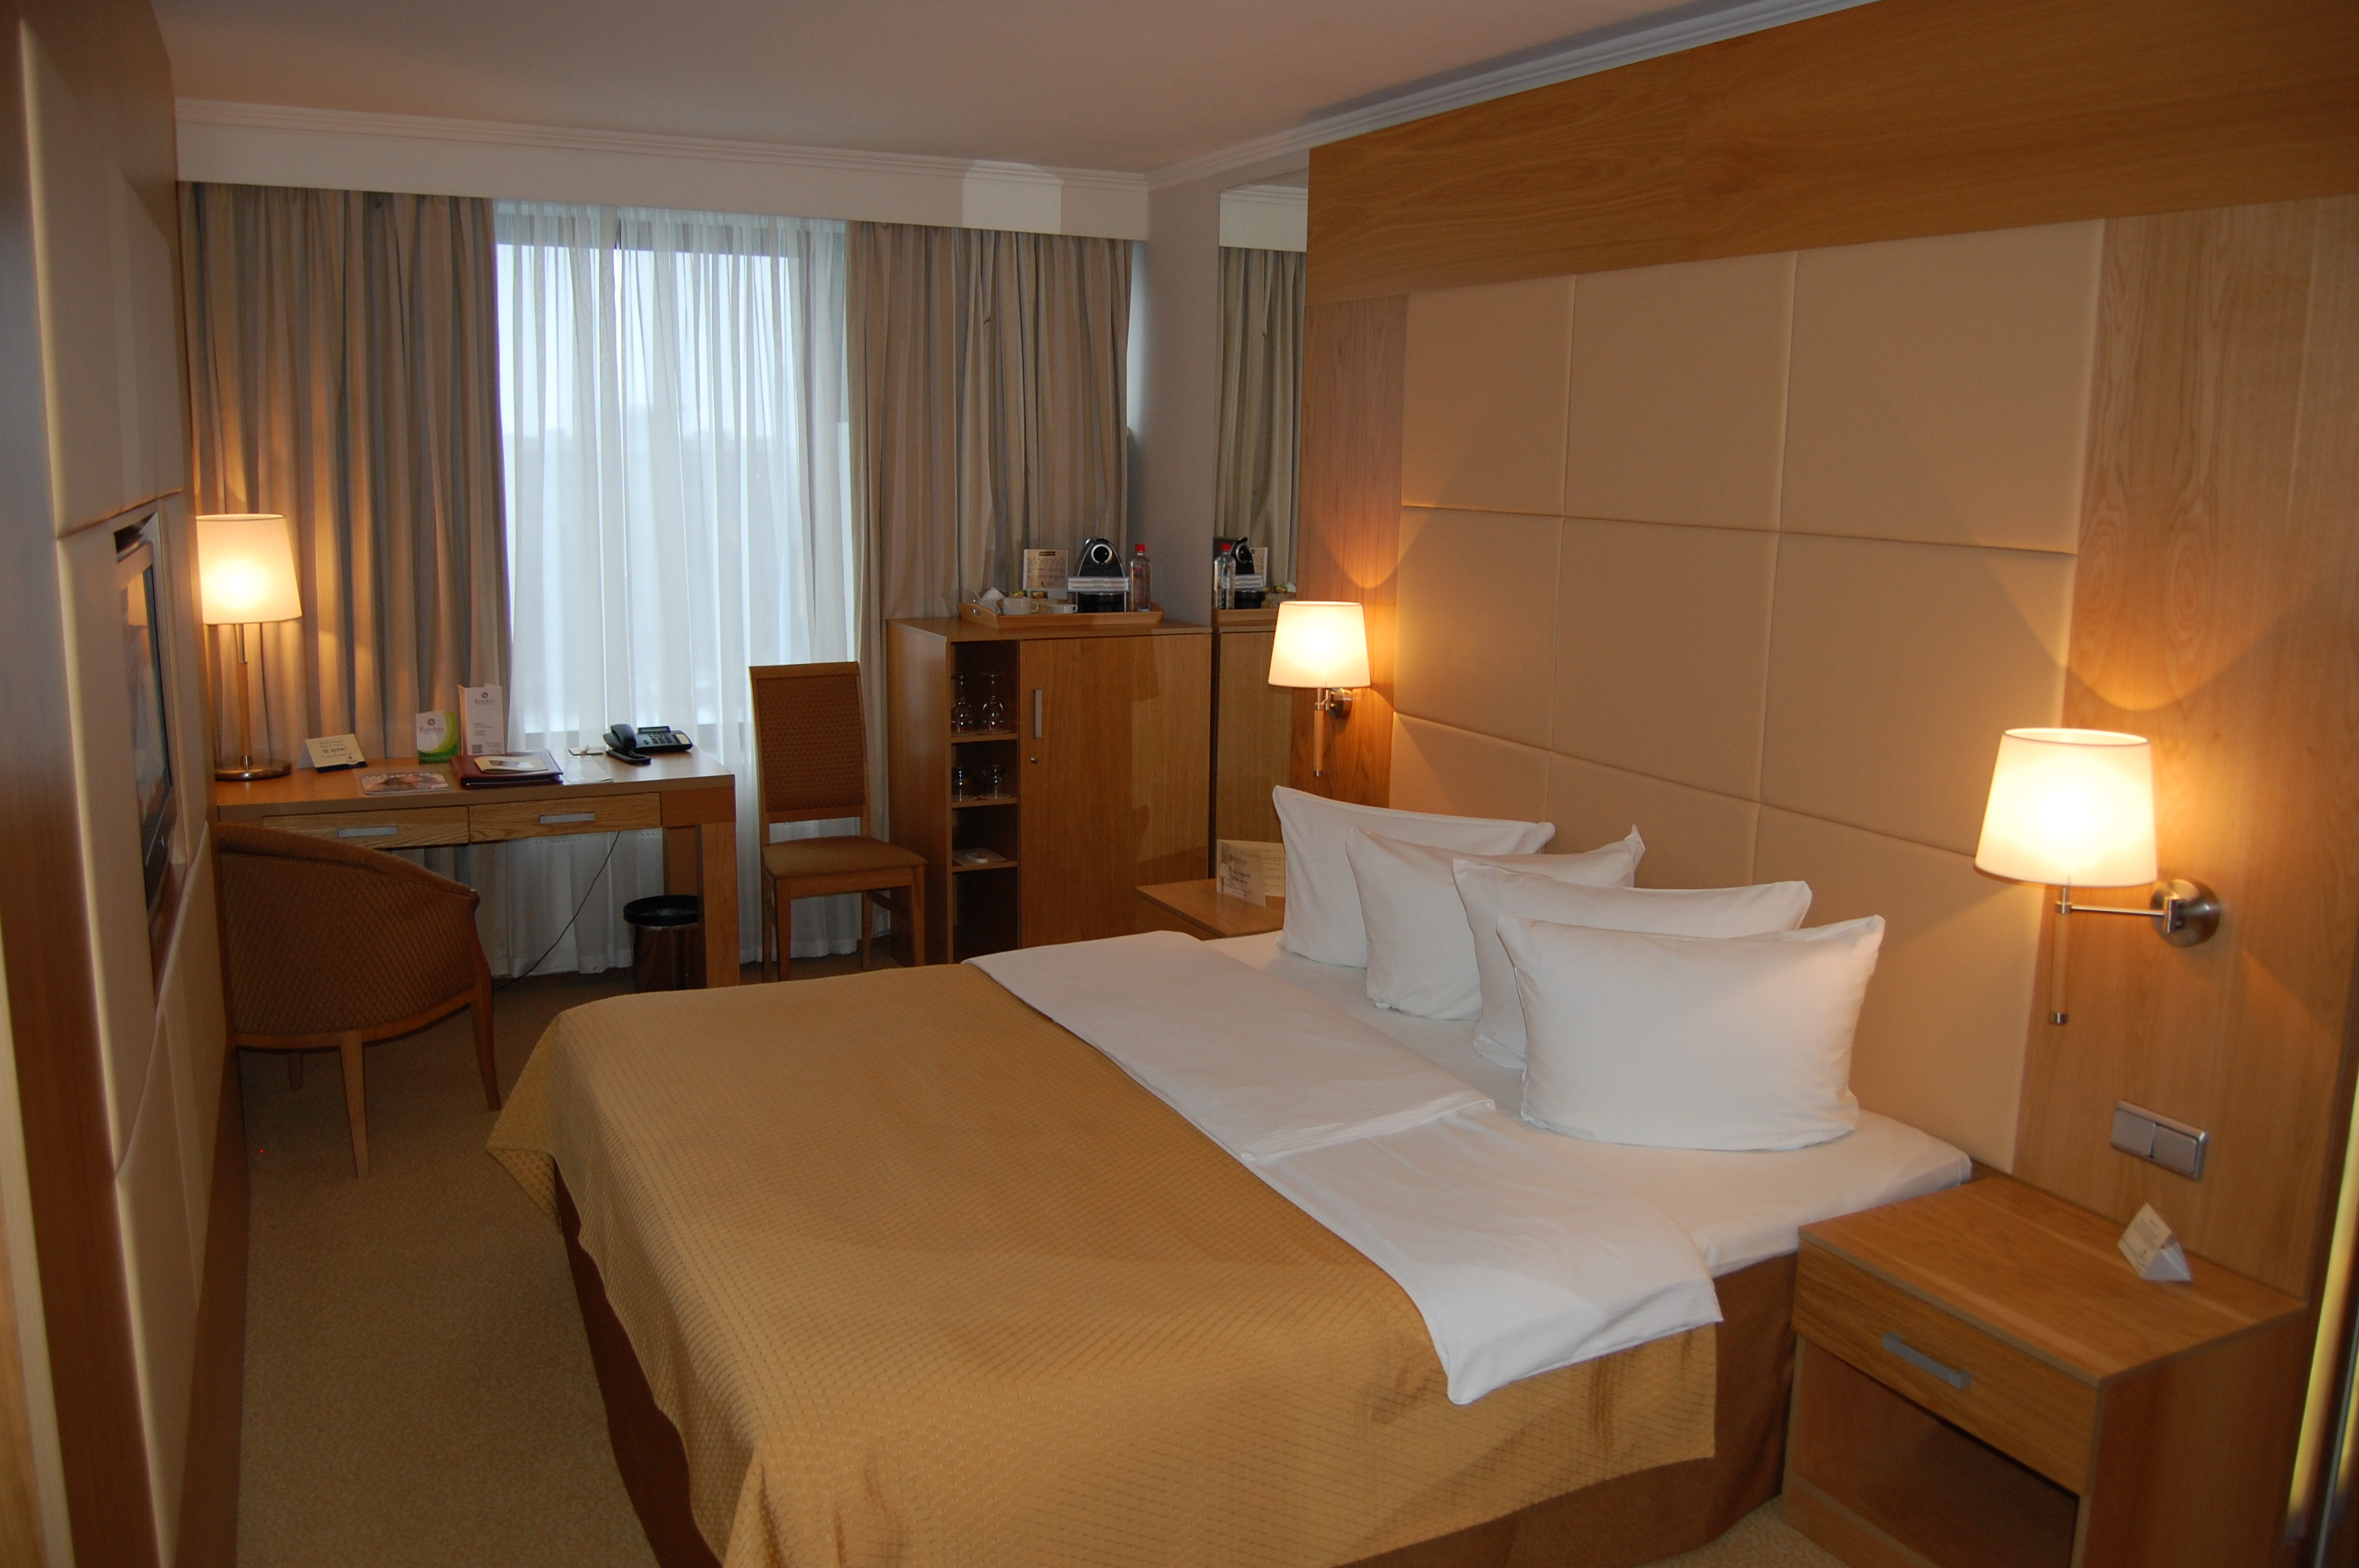 отель корстон гостиница